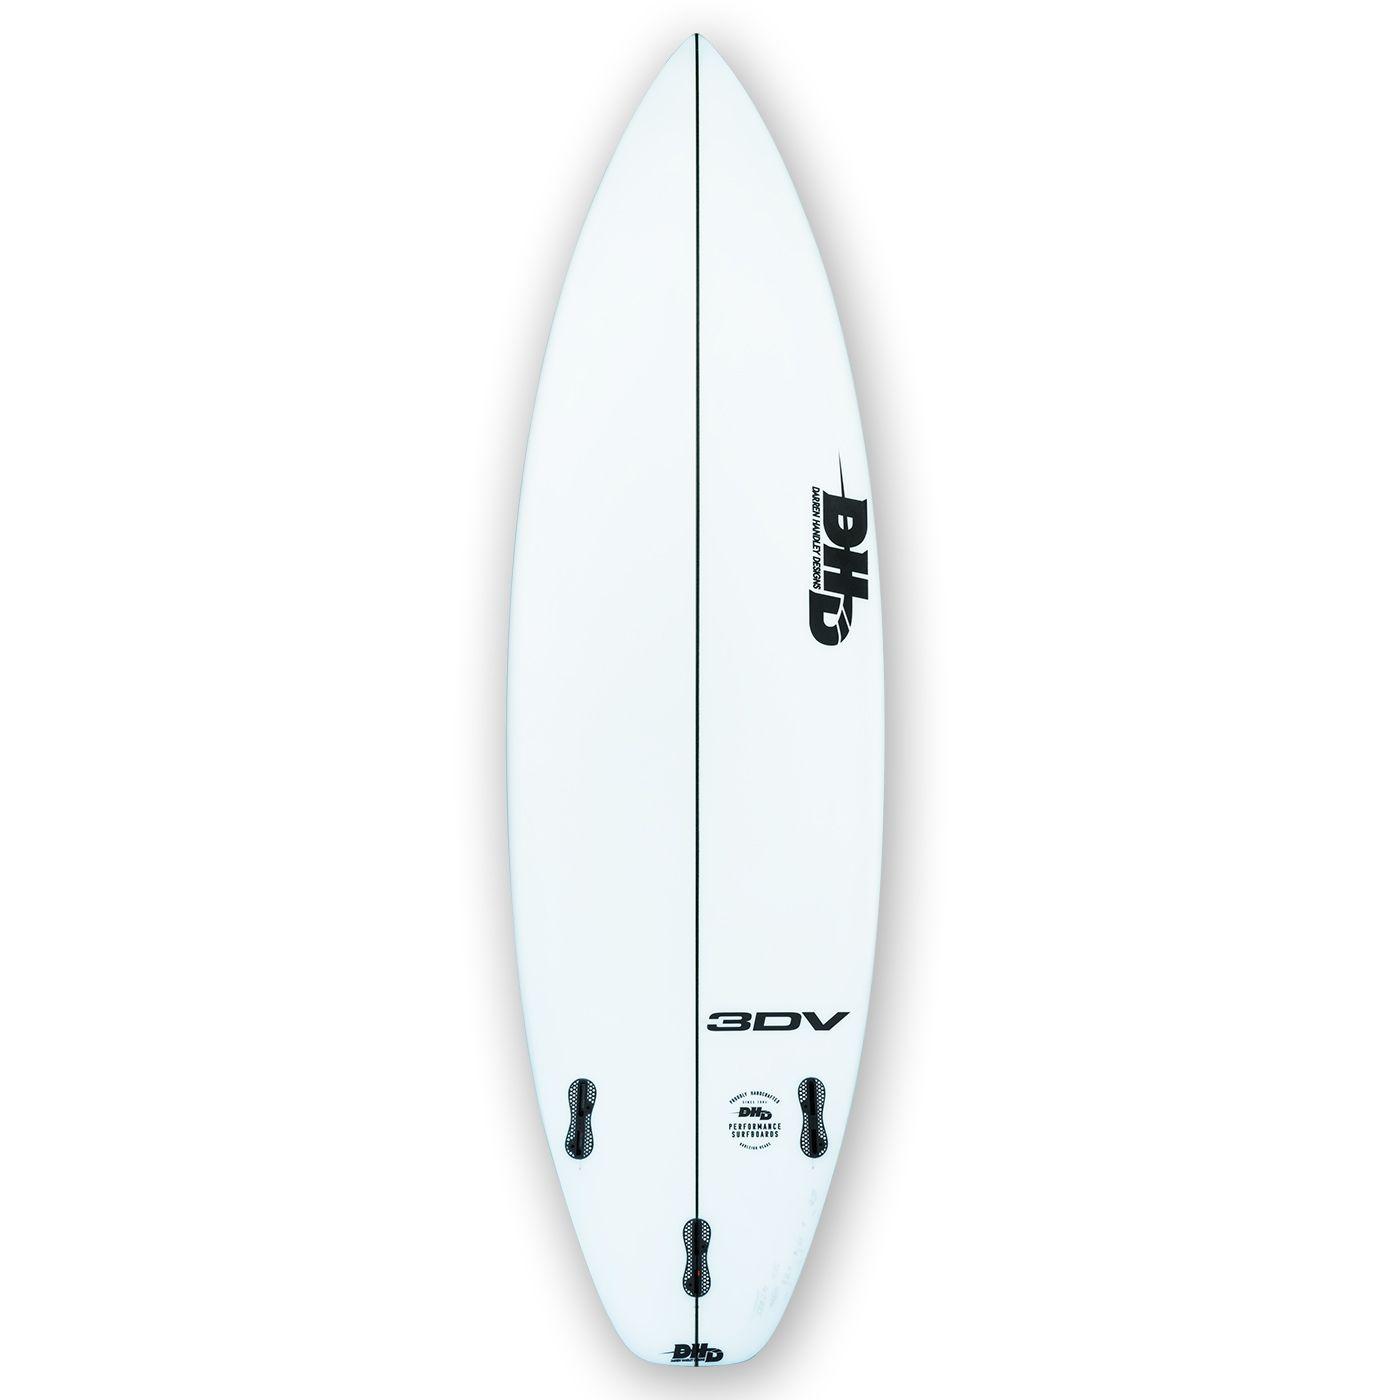 Prancha de Surf DHD 3DV 5´9´´